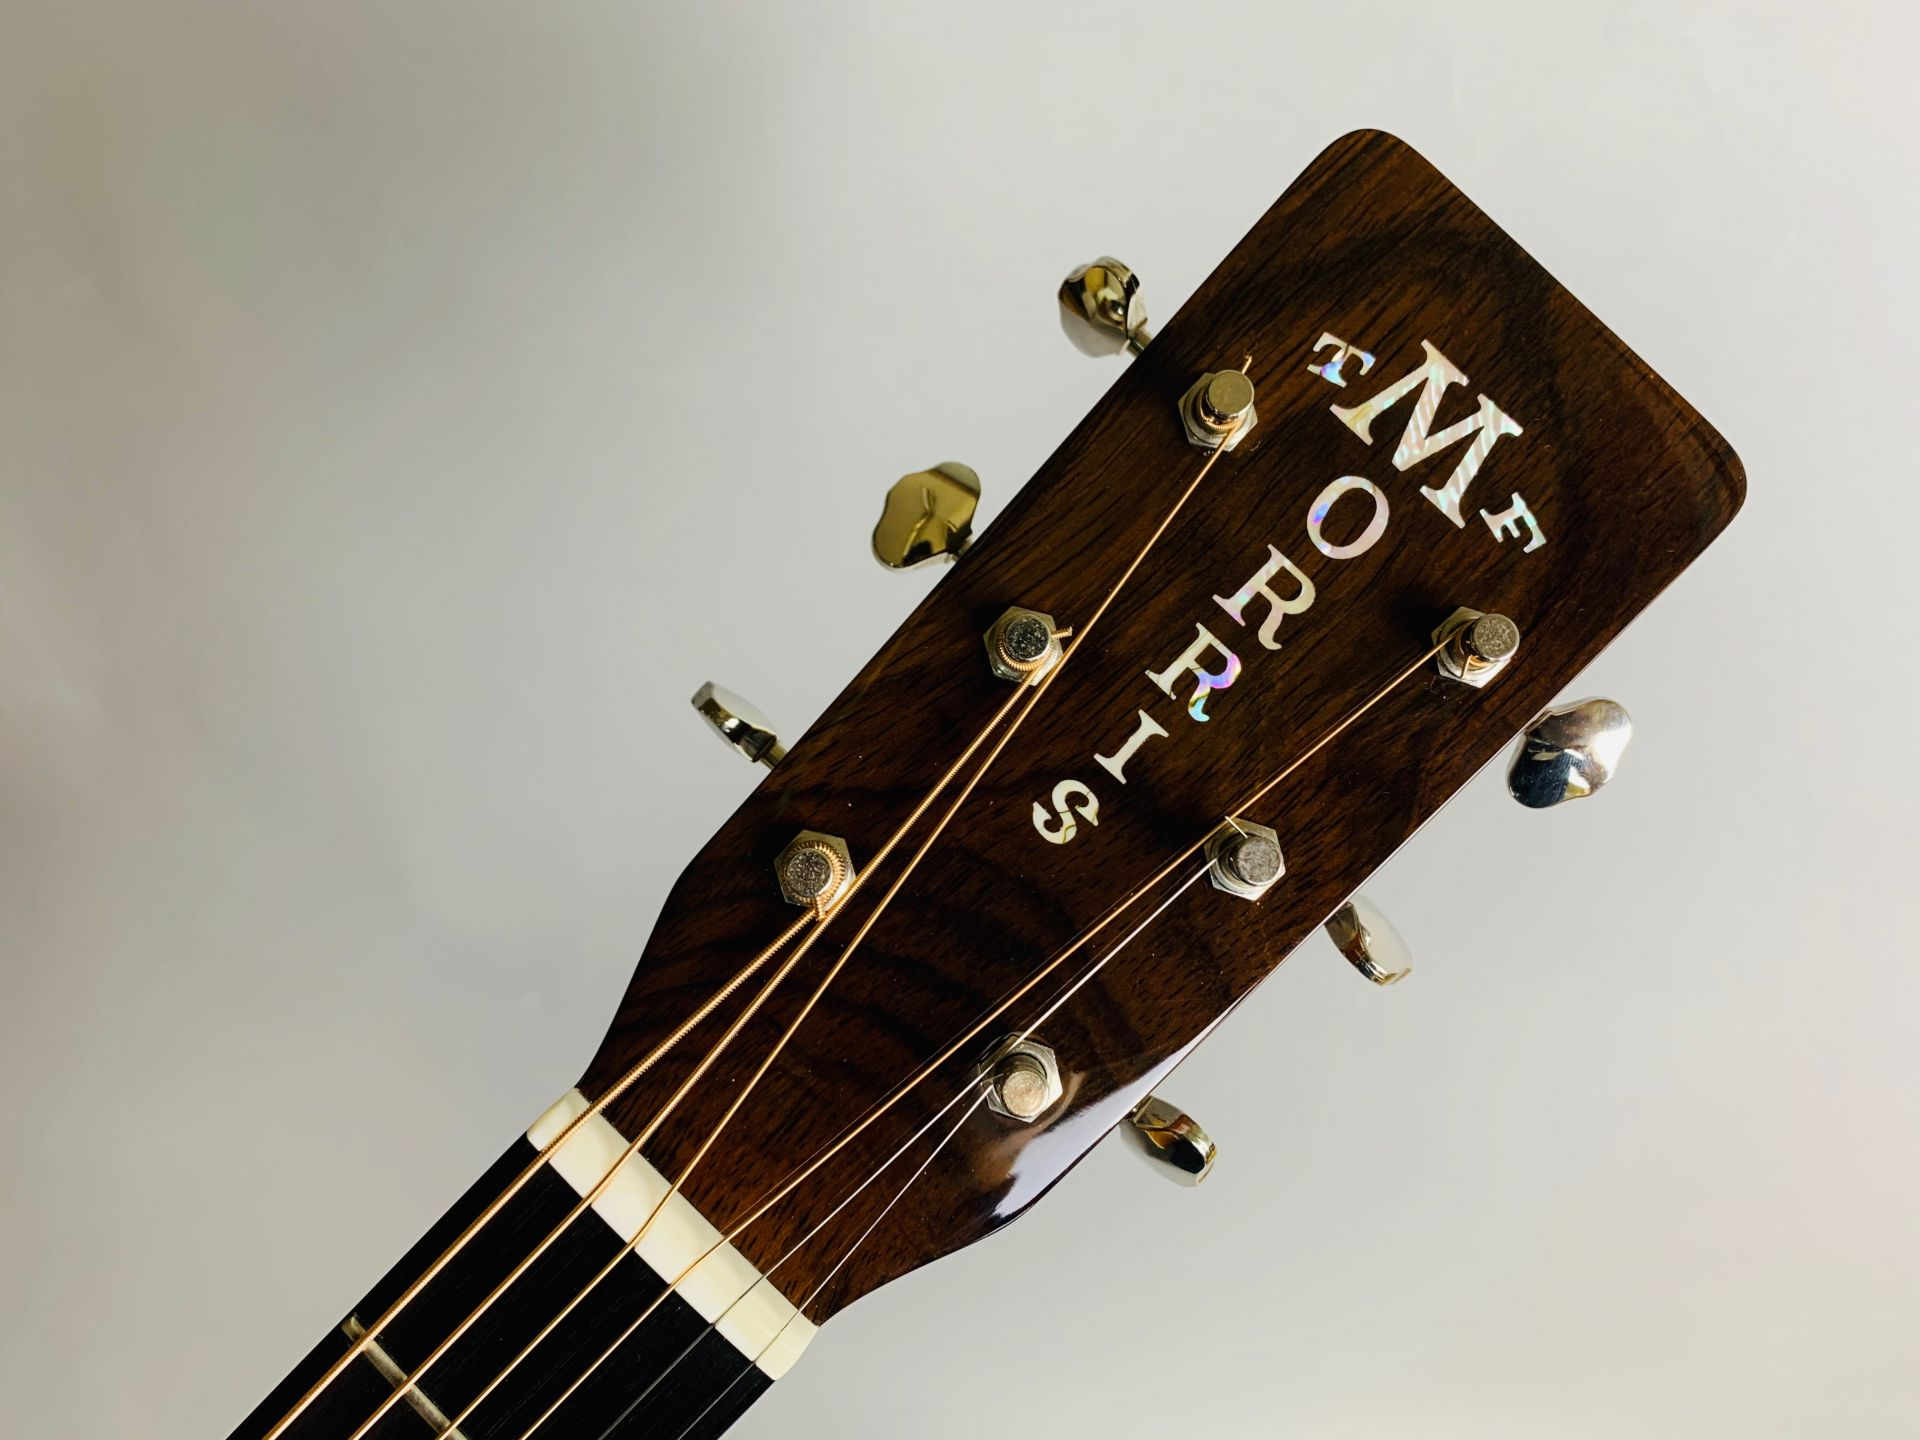 MS-101HD ハカランダ採用 島村楽器50本限定モデルのヘッド画像